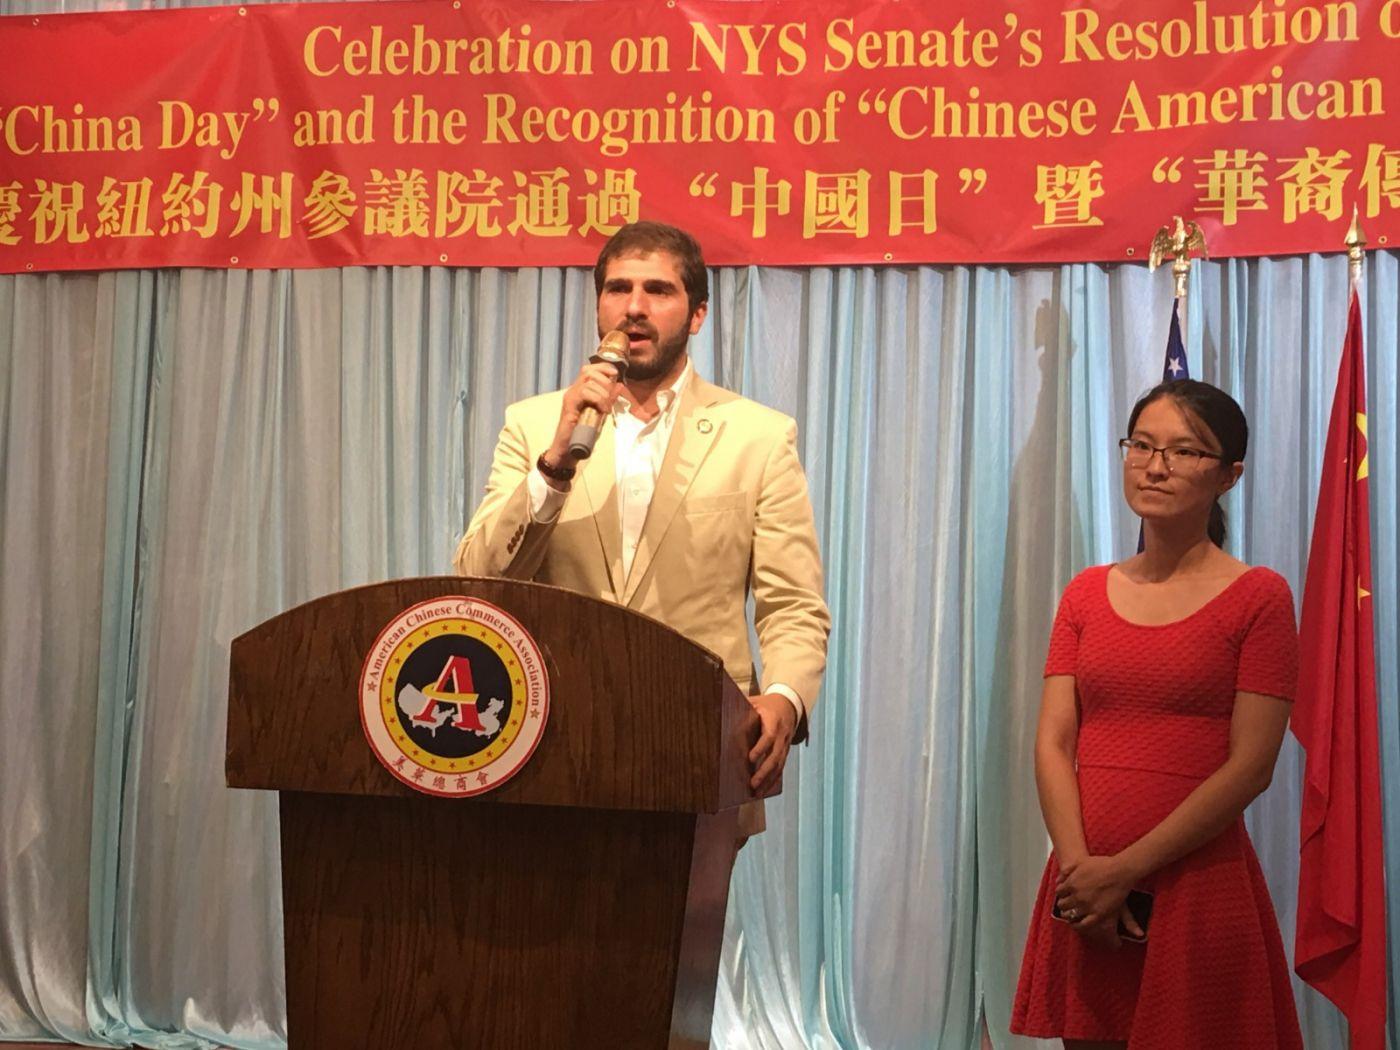 紐約州參議院通過「中國日」決議案慶祝会在紐約舉行_图1-16